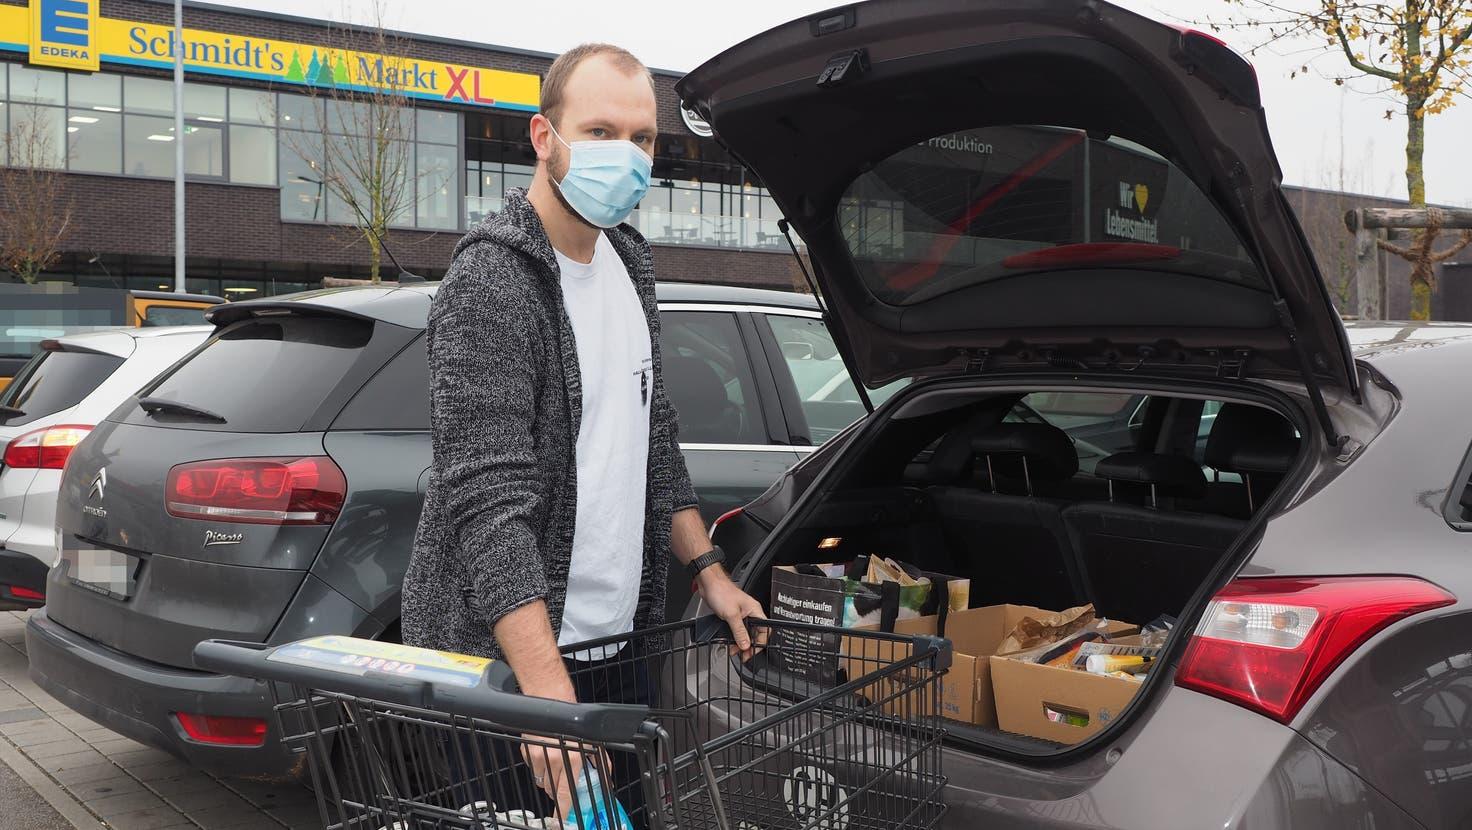 Der Einkauf im grenznahen Deutschland lohnt sich für Schweizer vor allem dank der Freigrenze von 300 Franken. Diese soll jedoch fallen. (Hans Christof Wagner (07.11.2020))